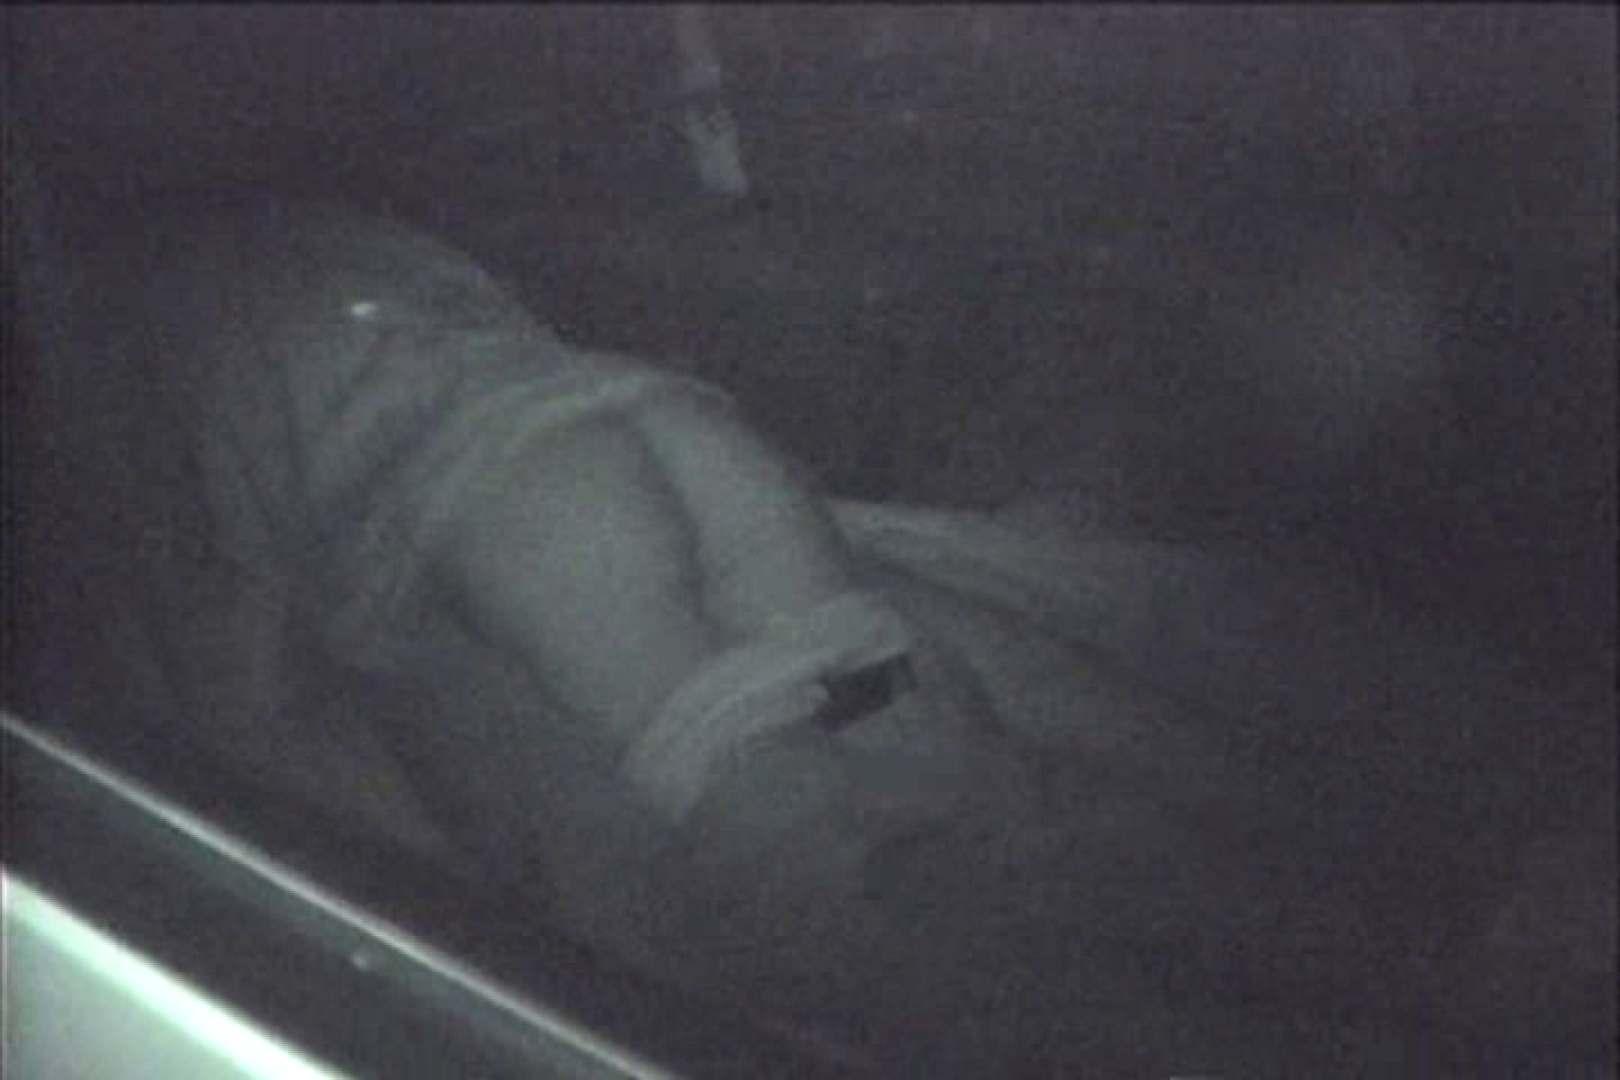 車の中はラブホテル 無修正版  Vol.18 ホテルでエッチ 盗撮動画紹介 49pic 12